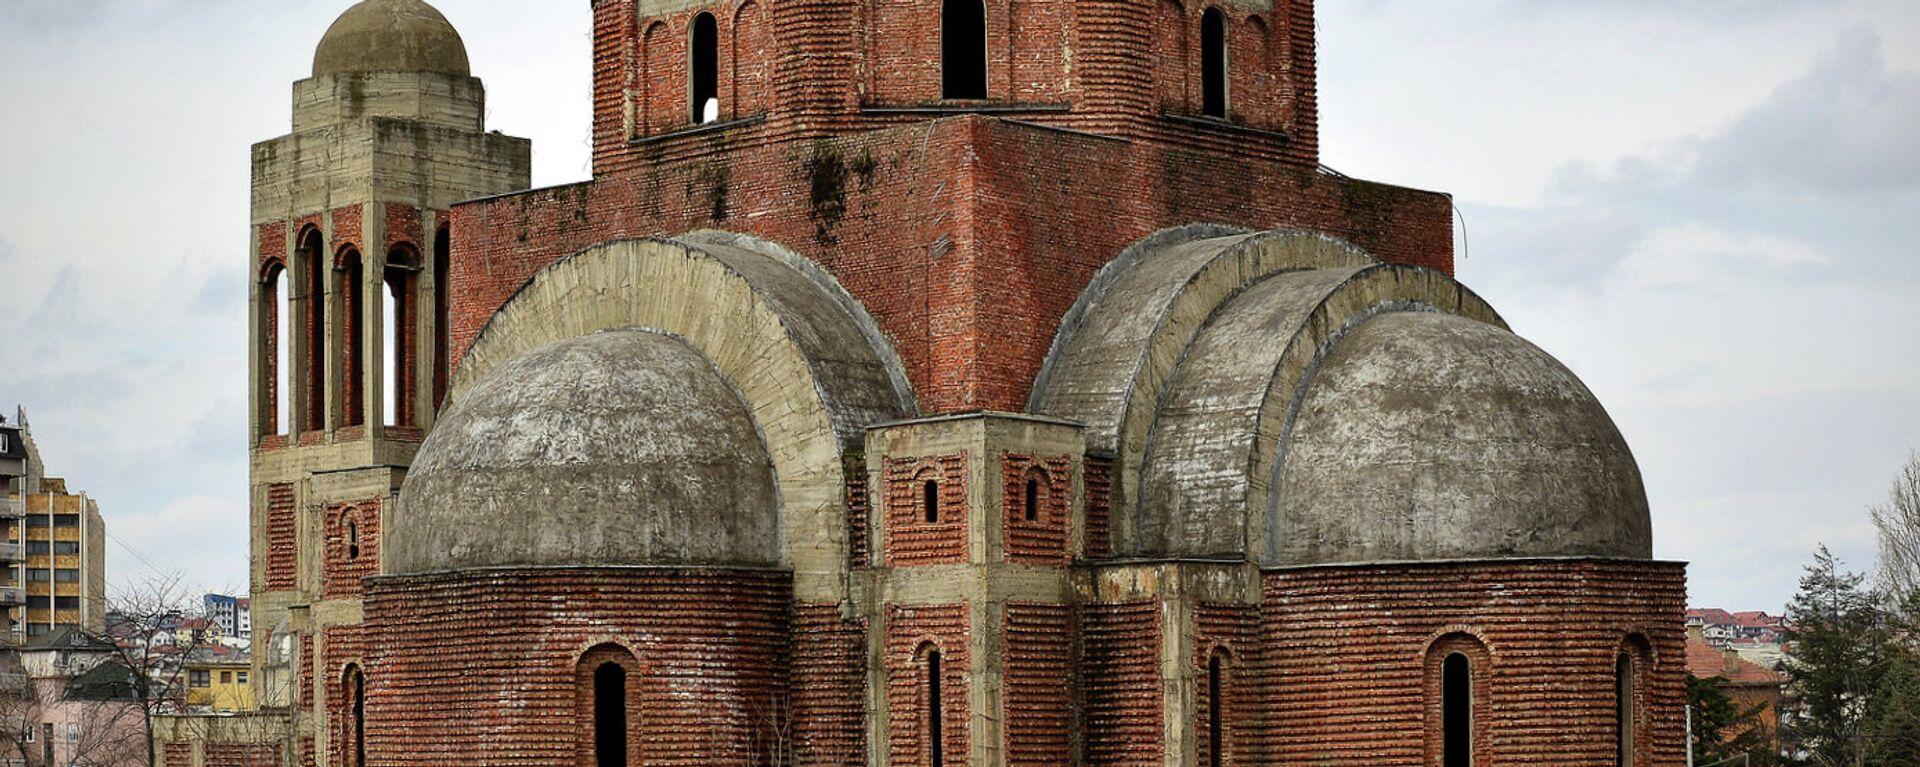 Crkva Hrista Spasa  - Sputnik Srbija, 1920, 01.03.2021